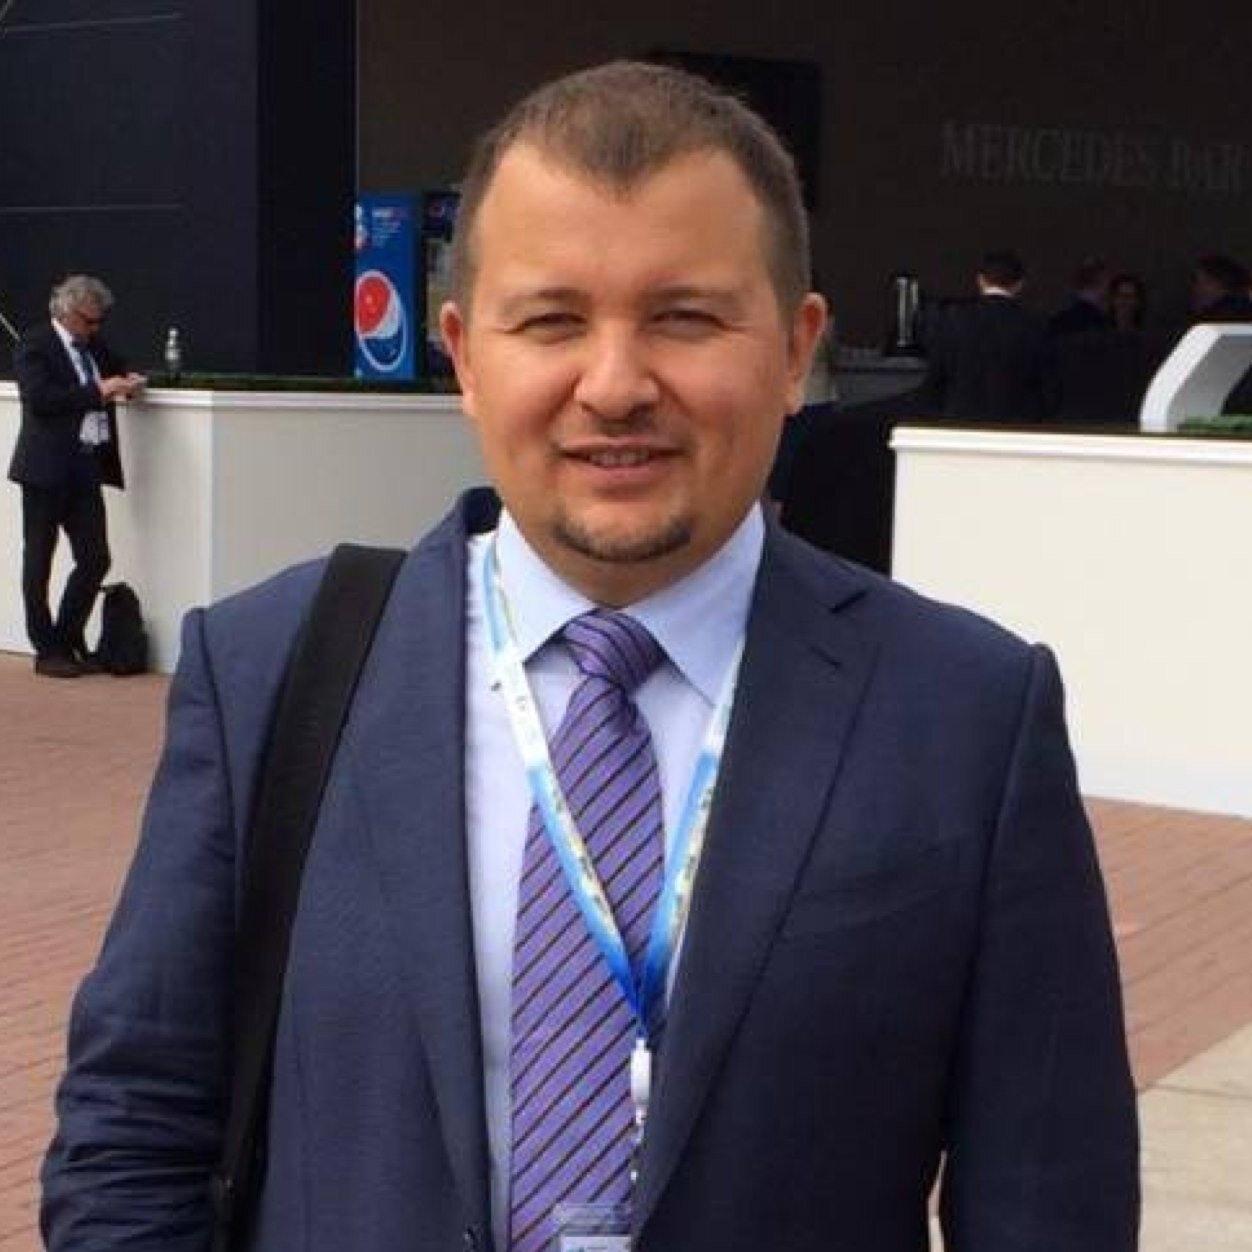 Mikhail Kokorich